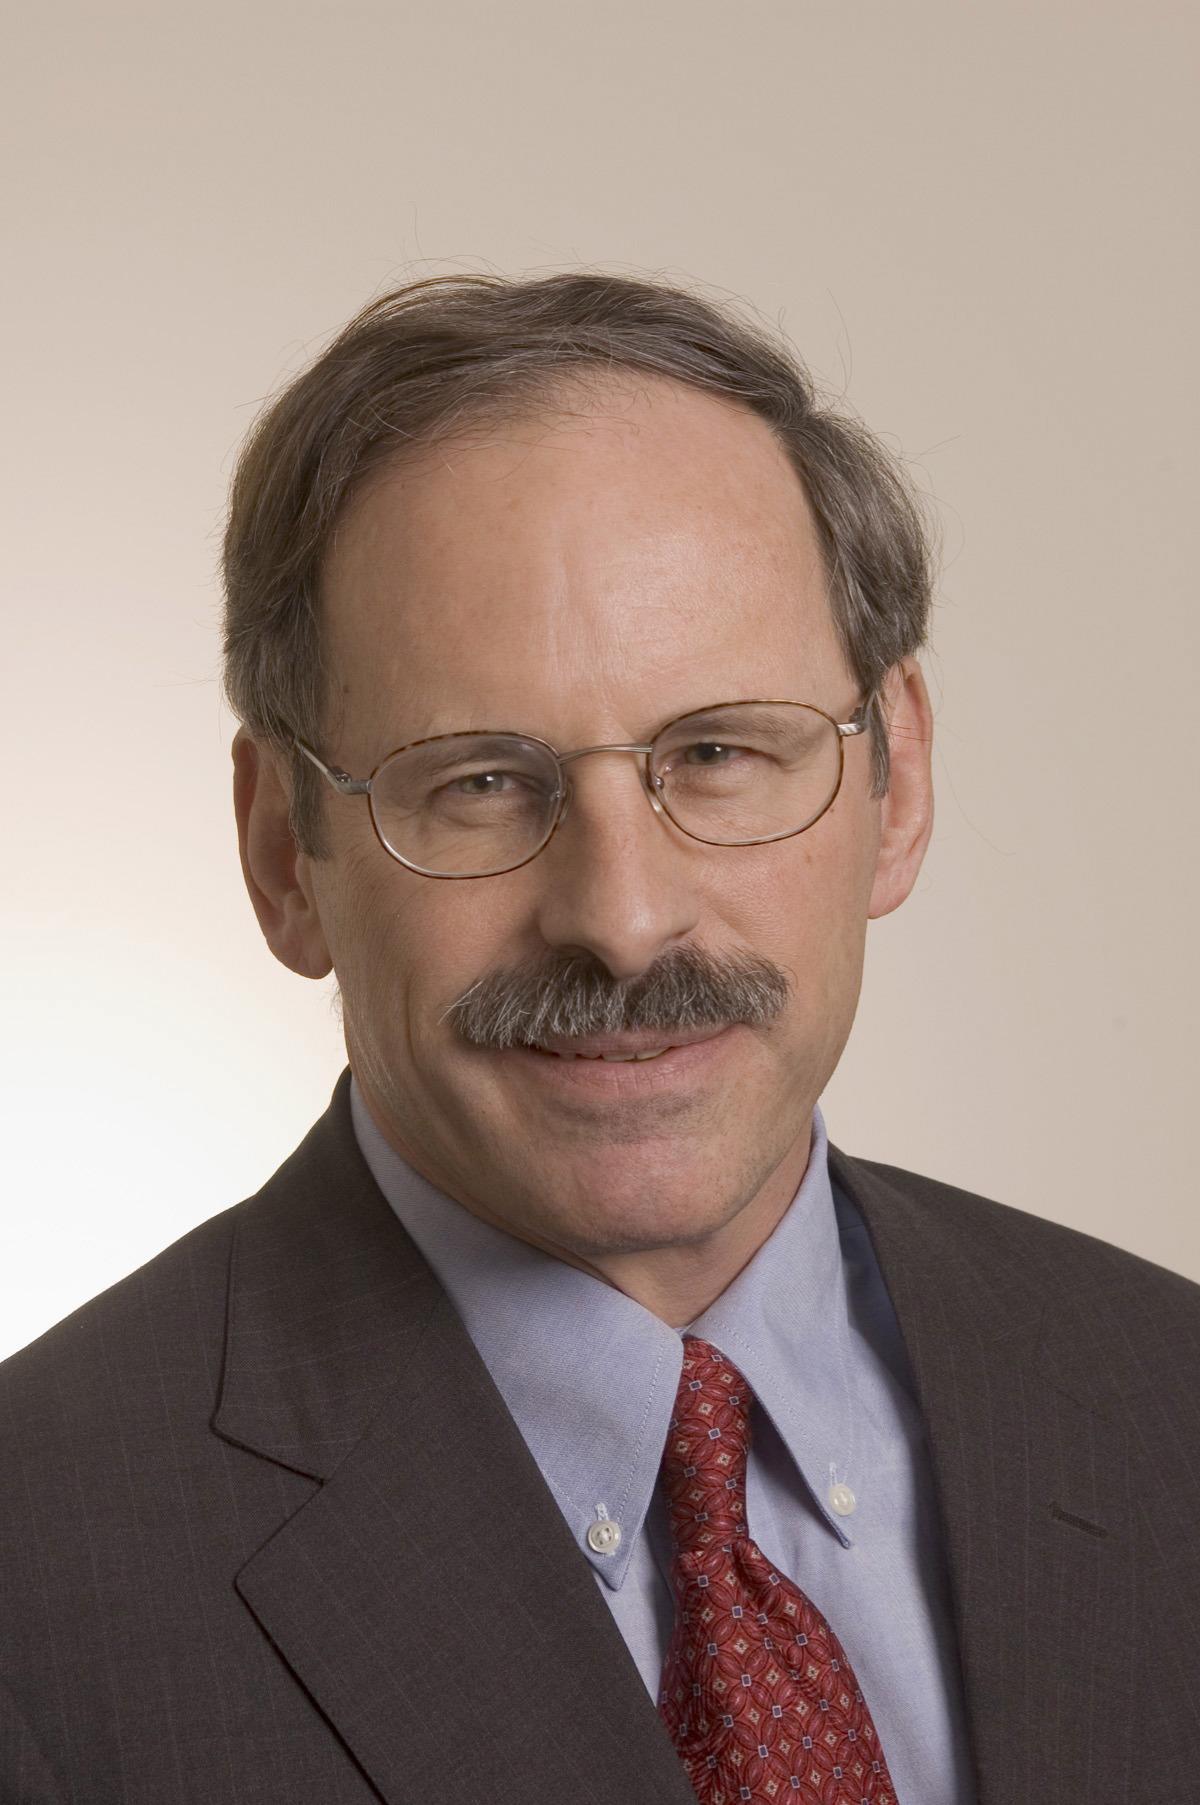 Stuart S. Taylor